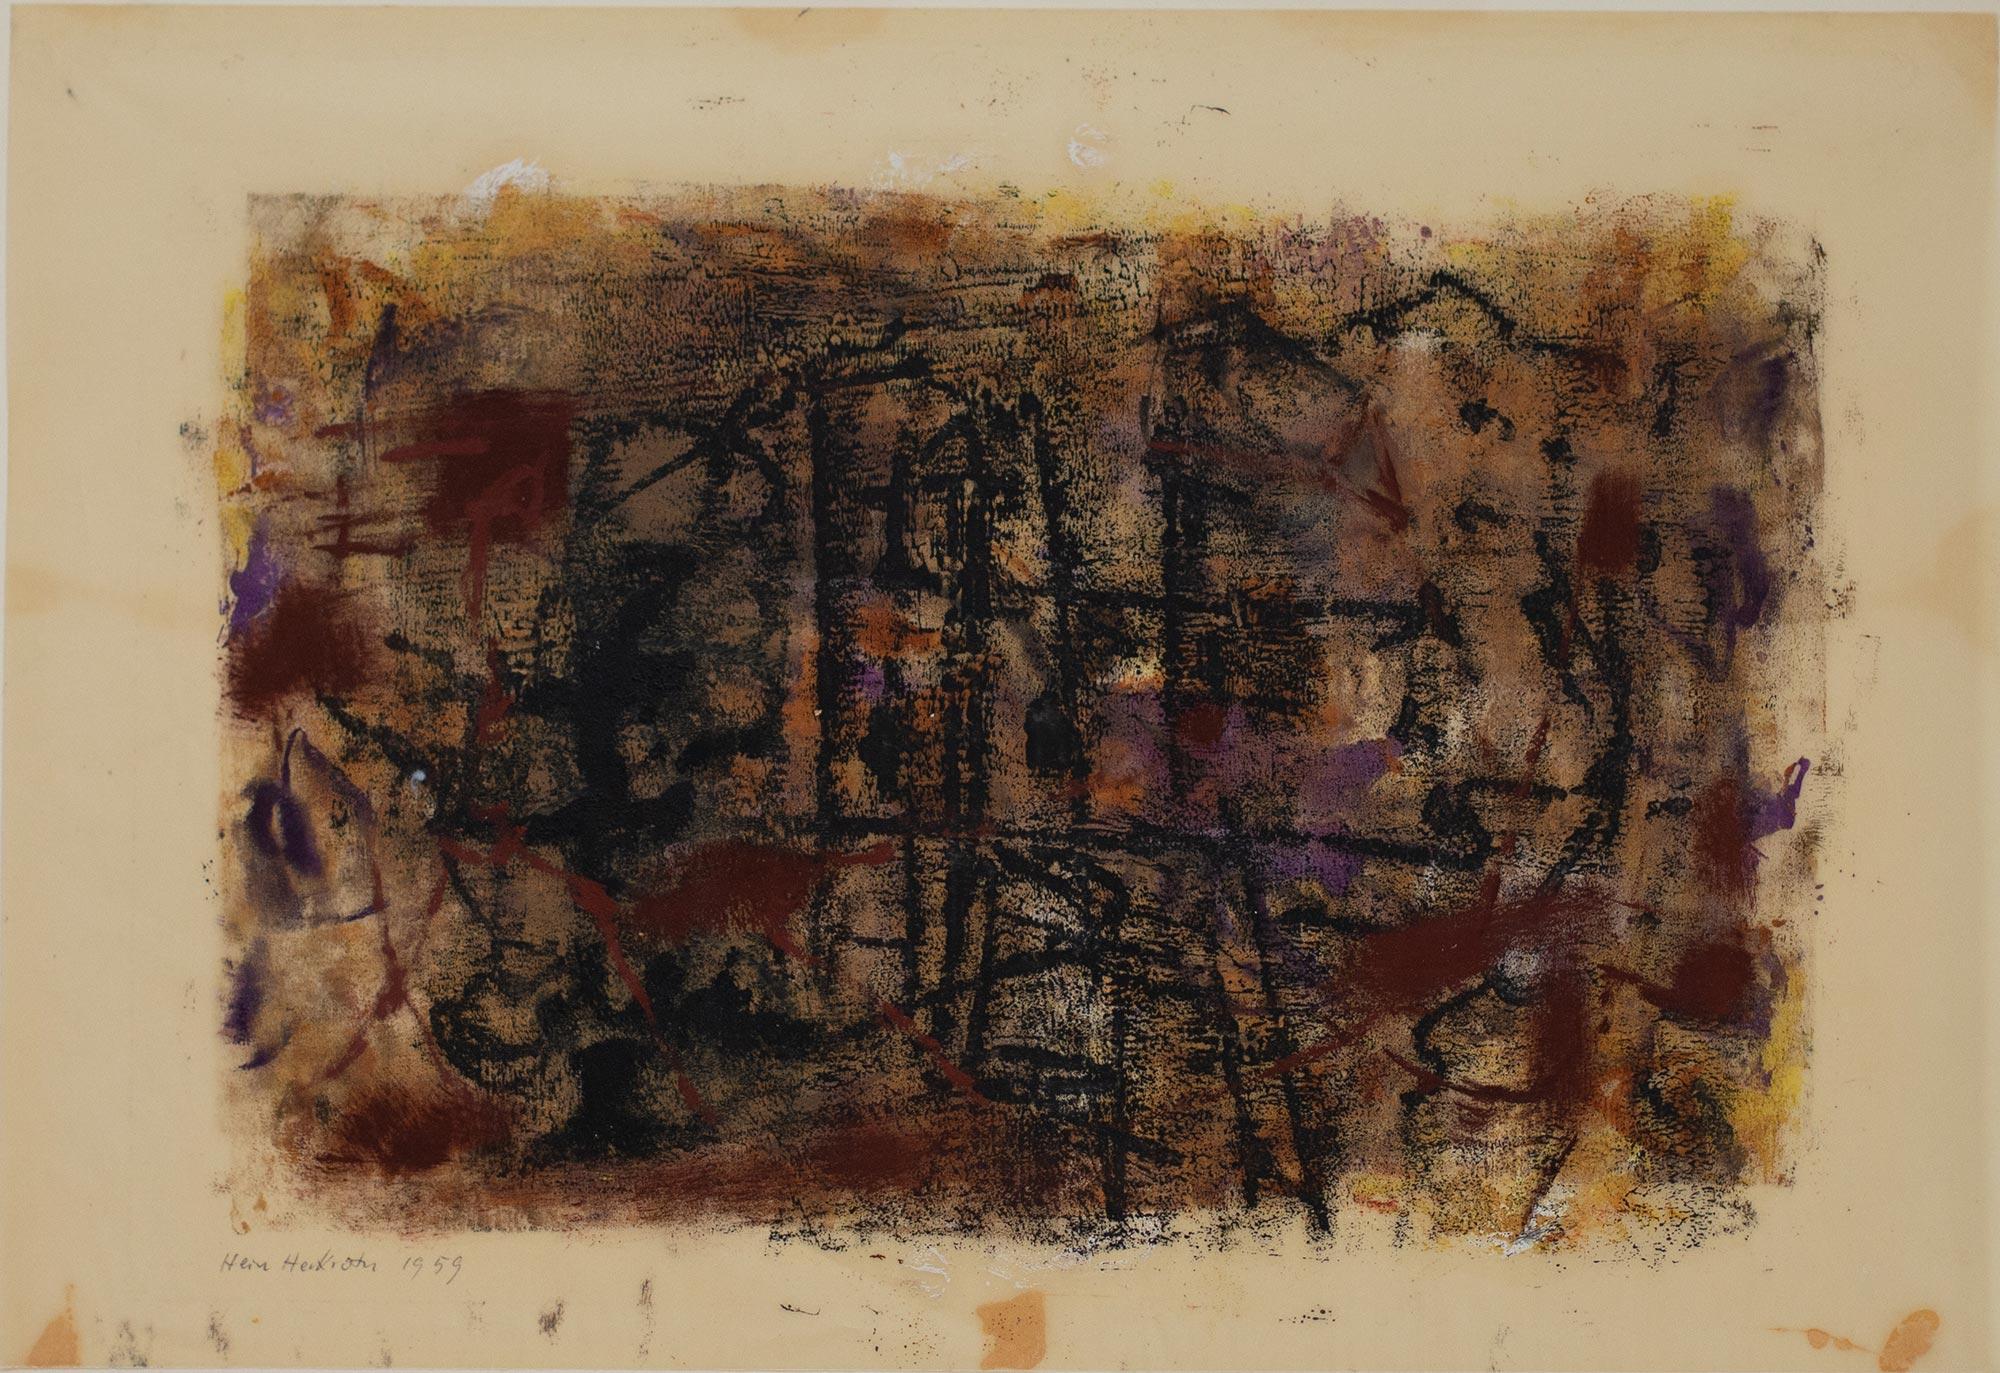 7 Hein Heckroth, o. T., 1959, Monotypie, 29 × 42 cm, Privatbesitz